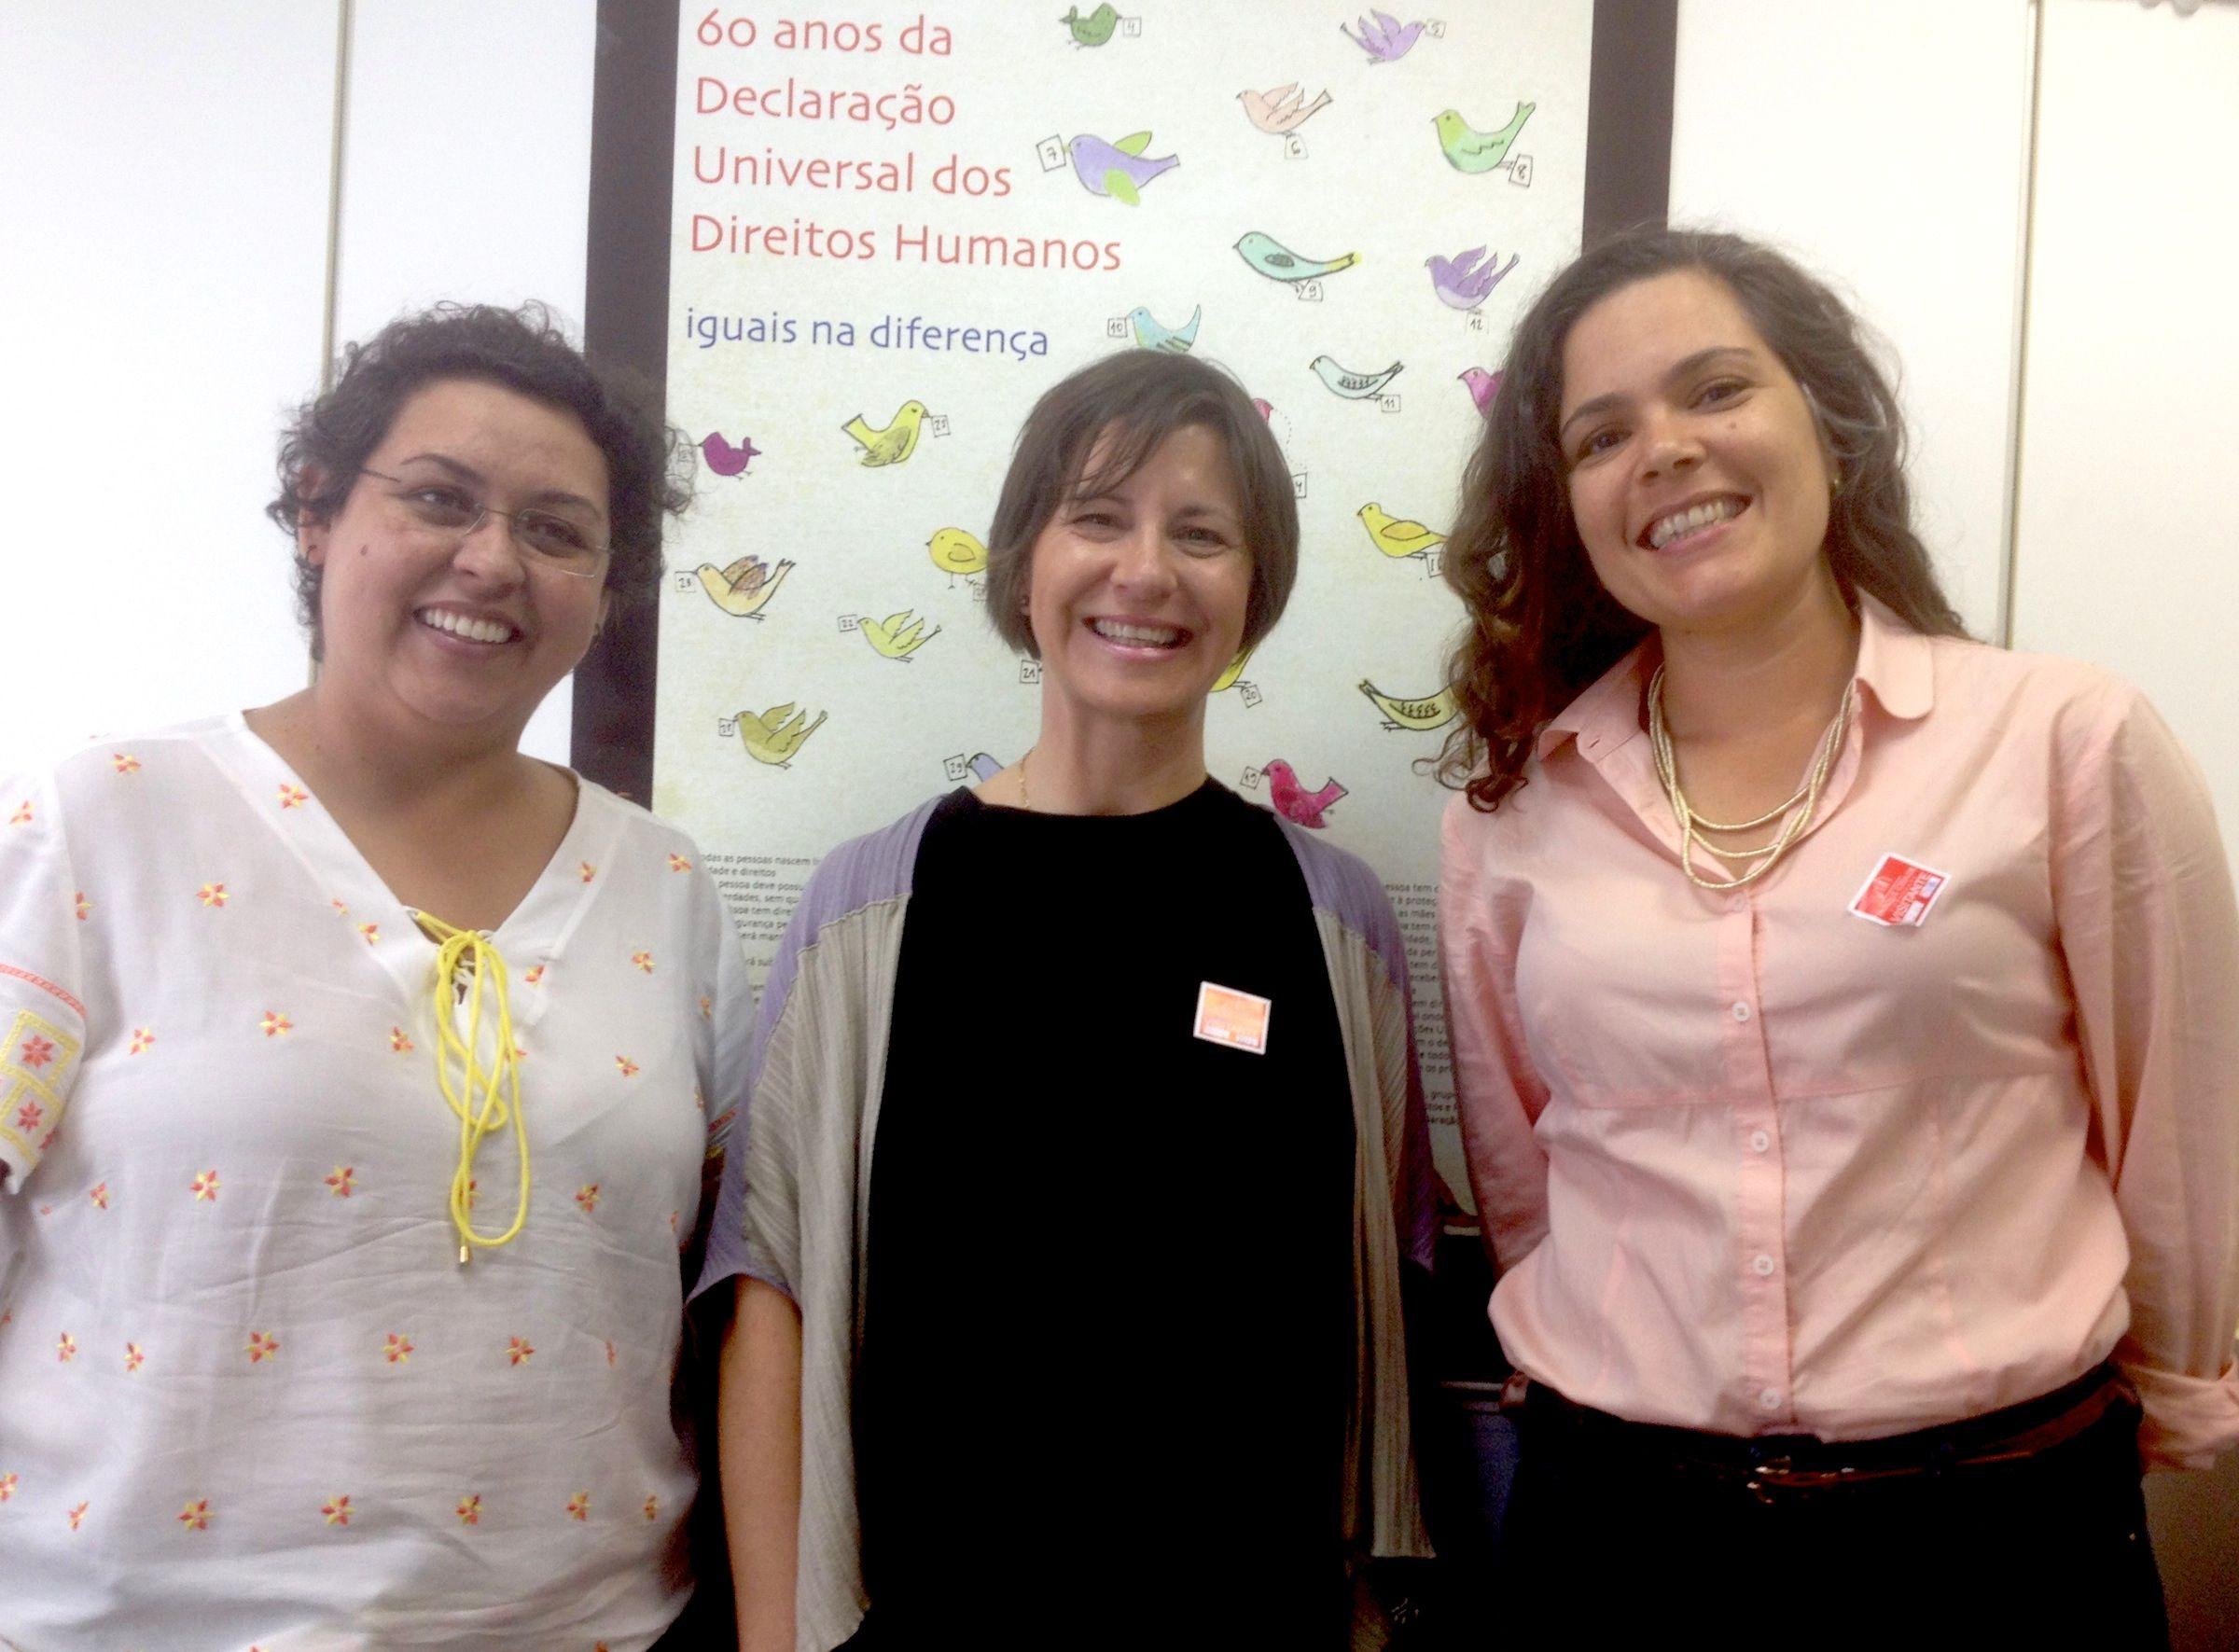 De izq. a dcha., Fernanda Calderaro, coordinadora general de Derechos Humanos de Brasil; la catedrática de la CEU-UCH Susana Sanz; y Luciana García, experta local del Programa Diálogos UE-Brasil en materia de Derechos Humanos, reunidas la pasada semana en Brasilia.